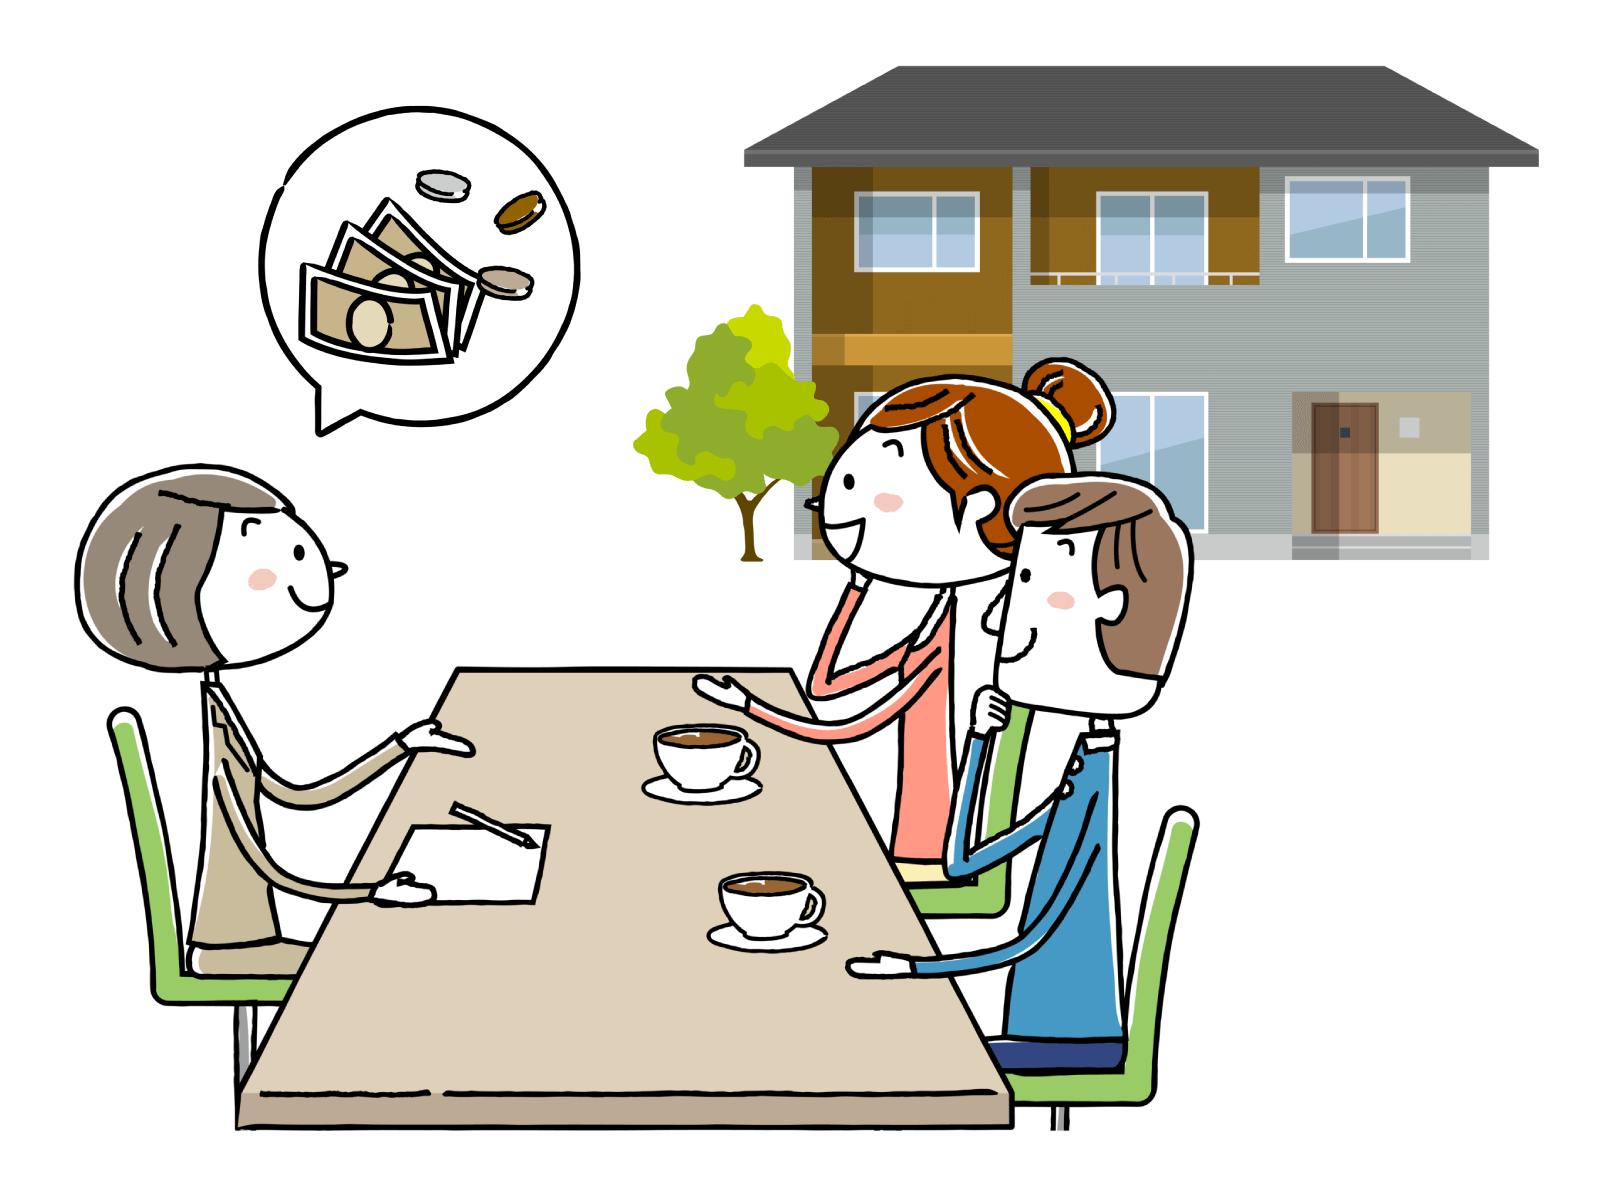 福祉用具貸与などの場で活躍が可能なイメージイラスト